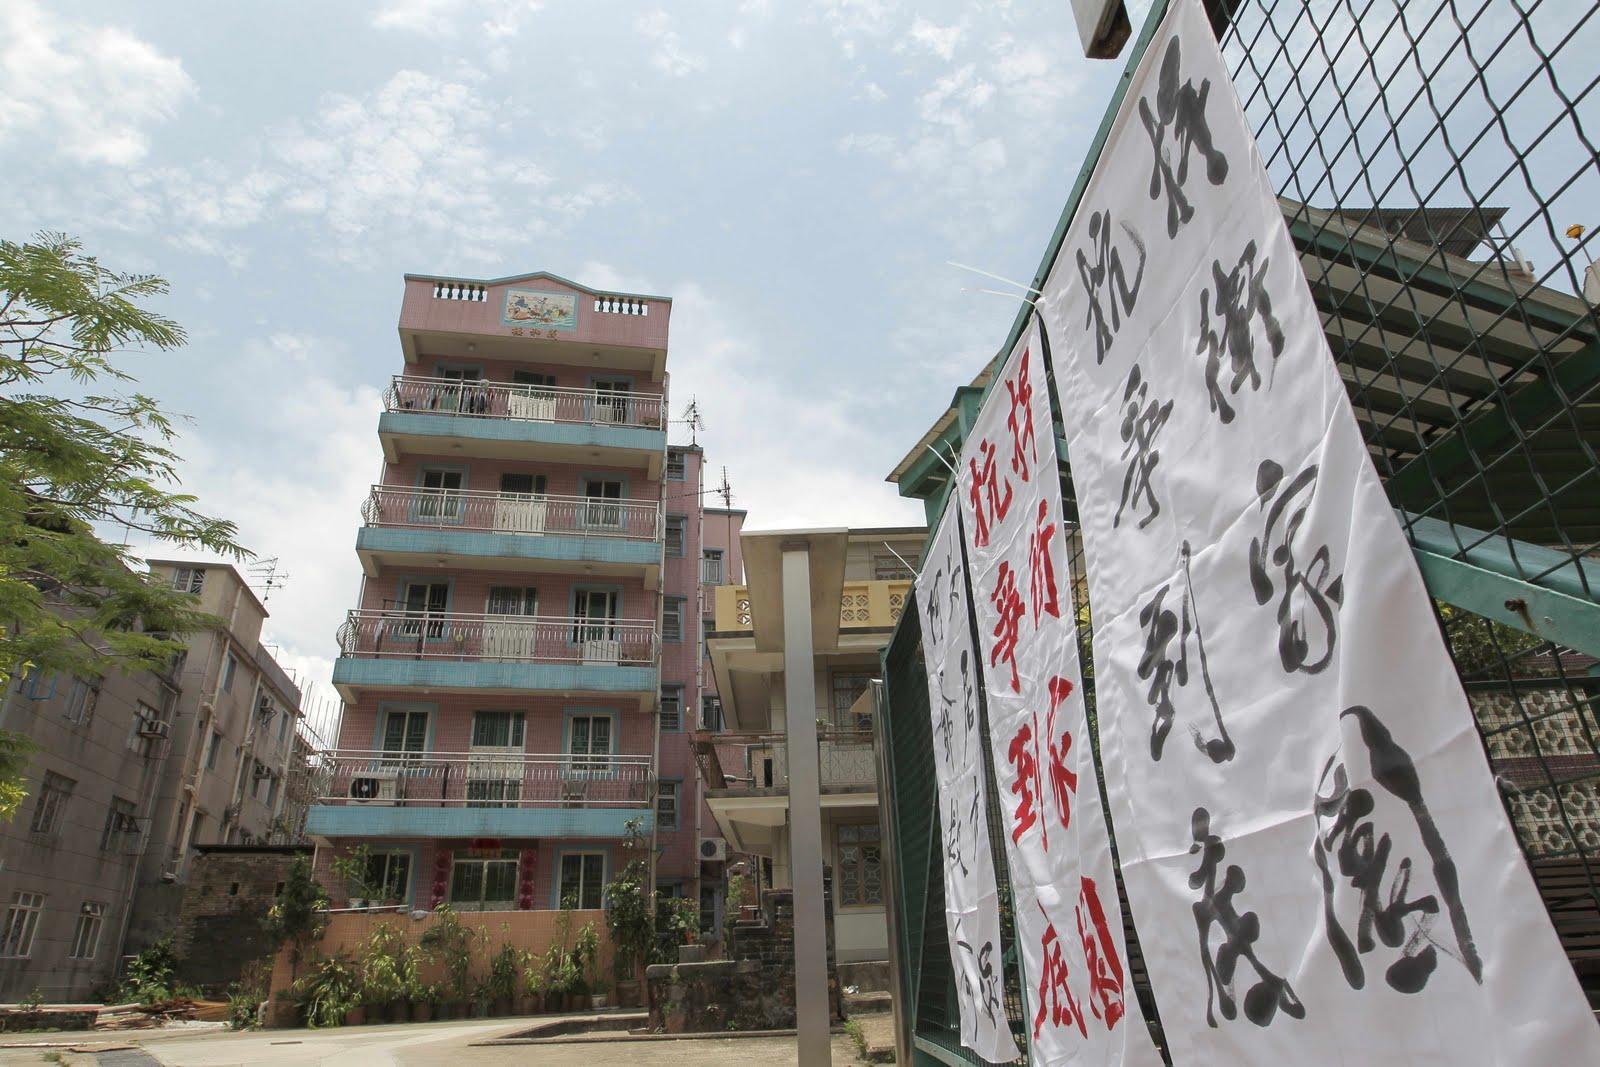 記者之聲The Journalist (HKJA): Illegal structures scandalize highest levels of government